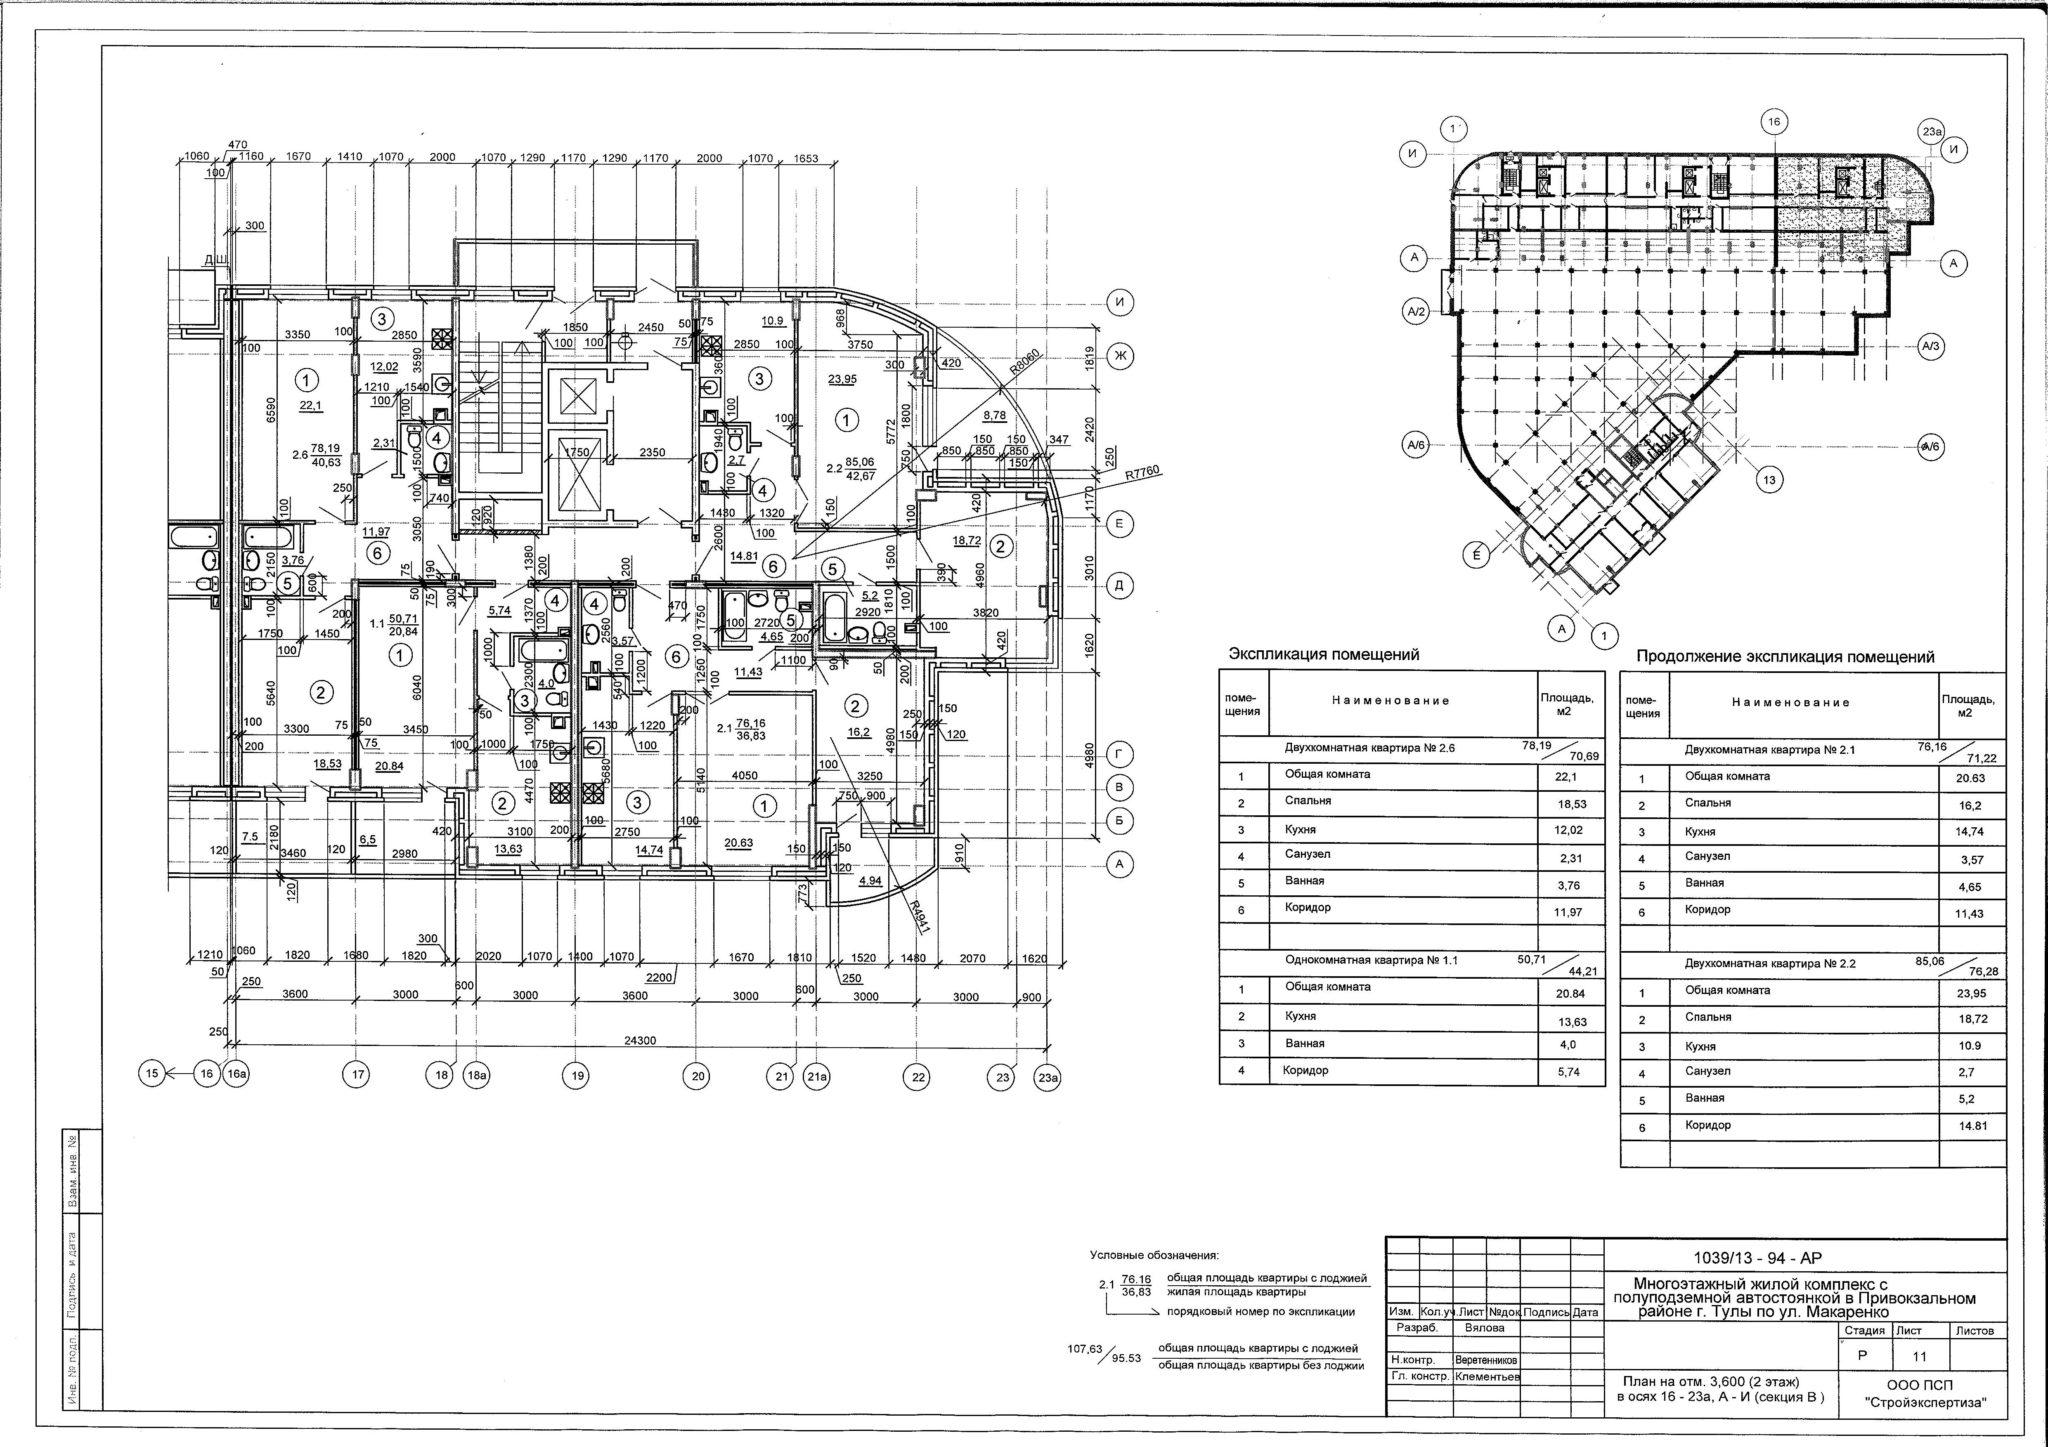 План 2 этажа секции В ЖК МАКАРЕНКО